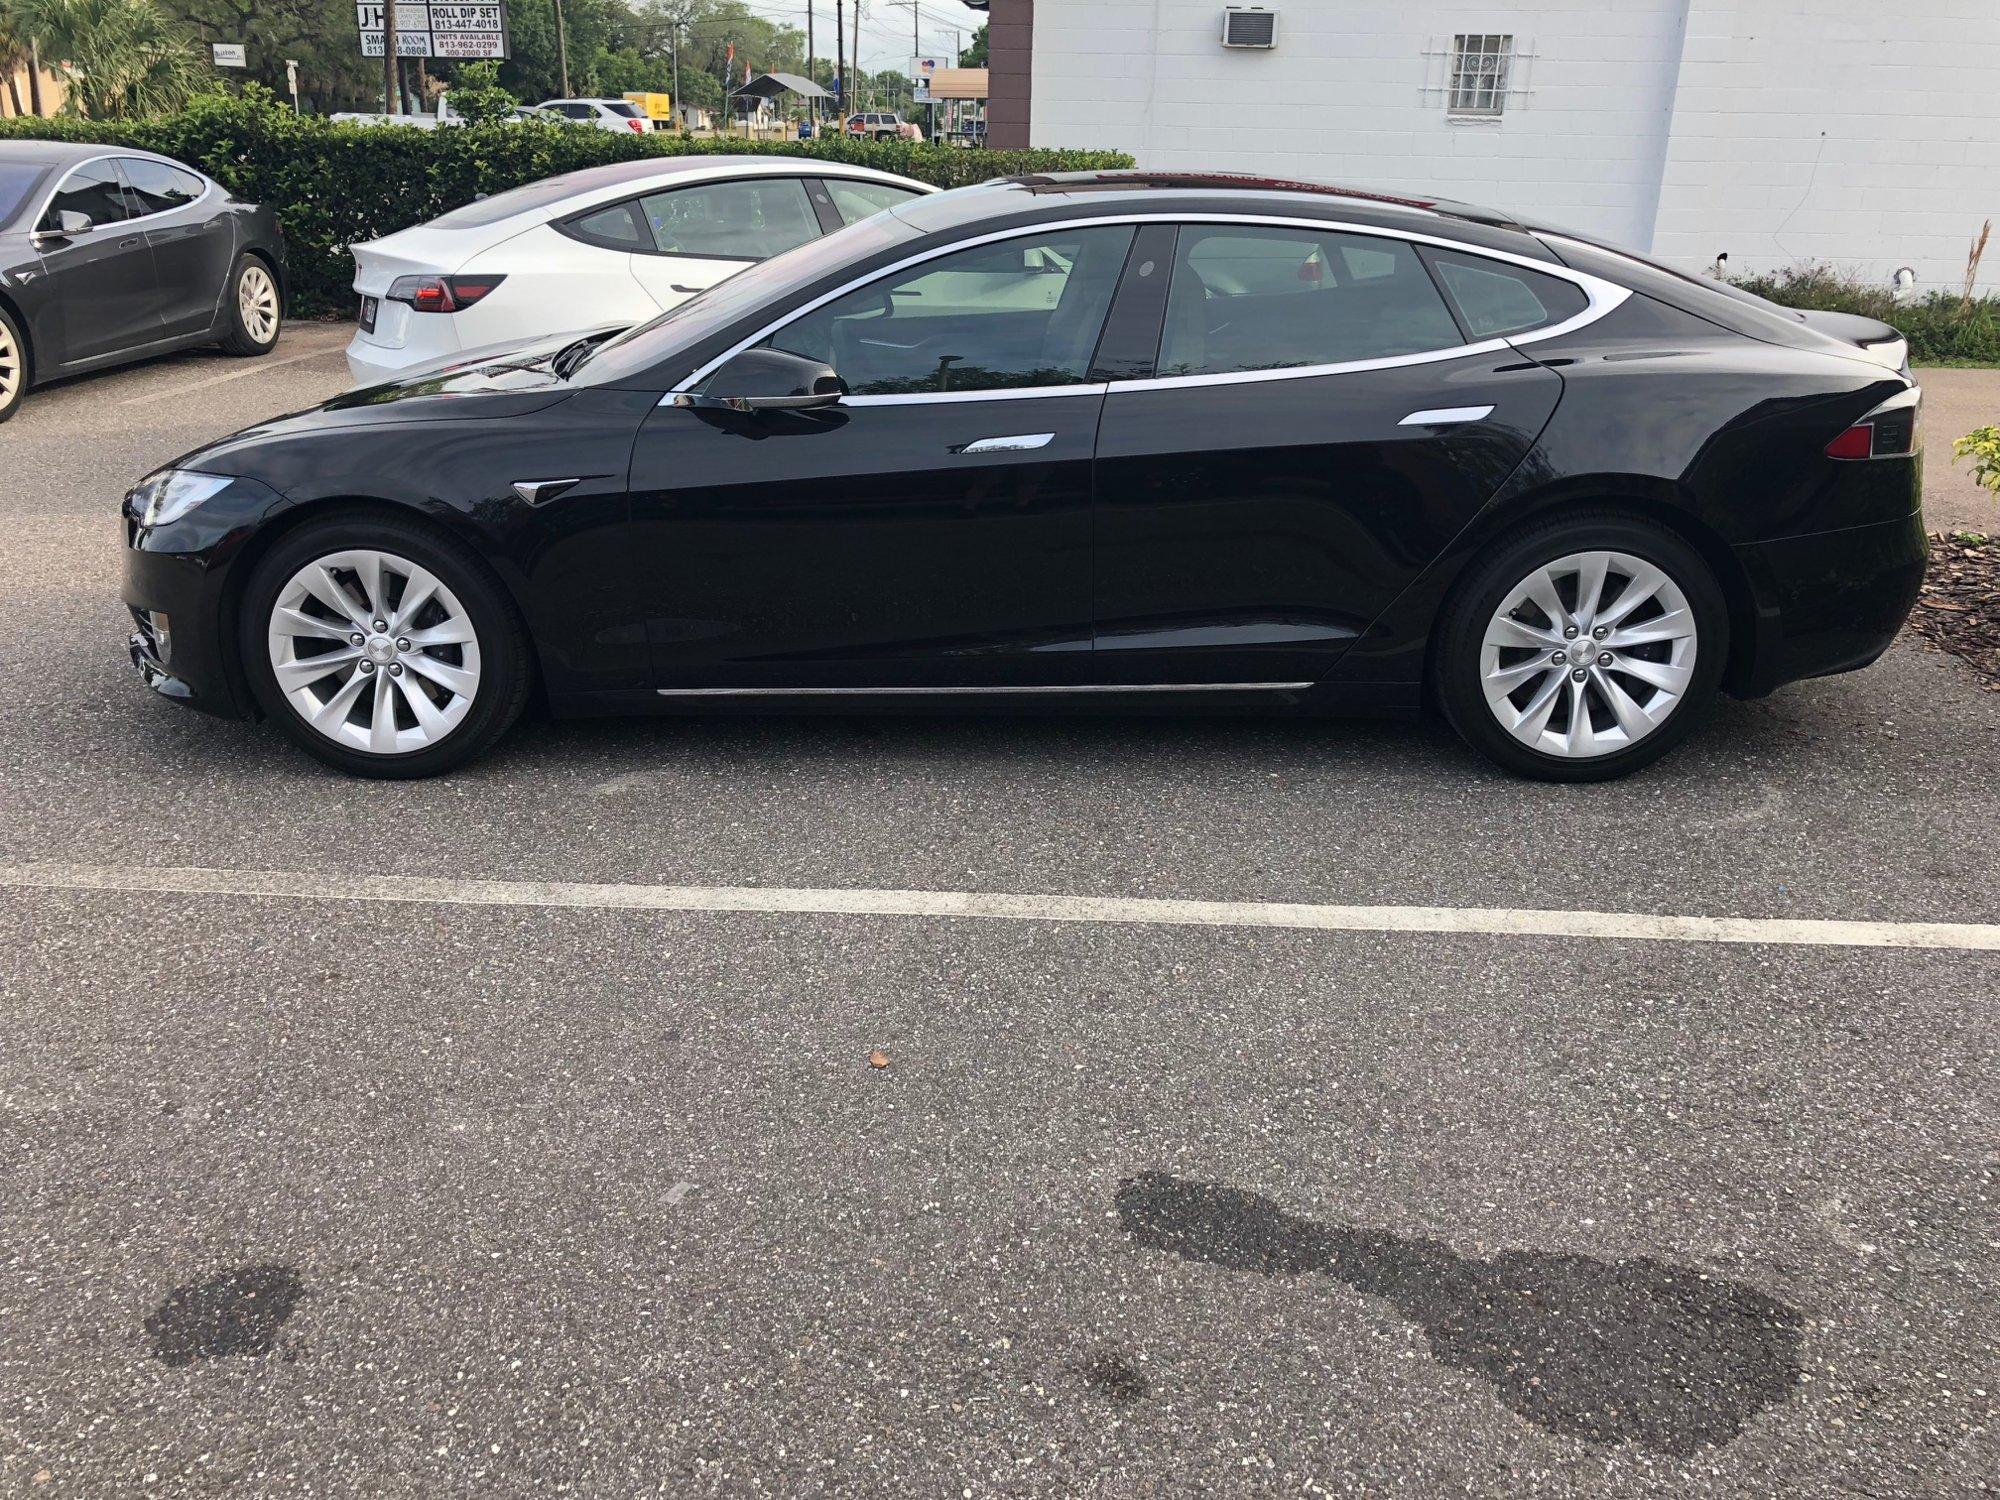 Tampa Tesla Tint.jpg